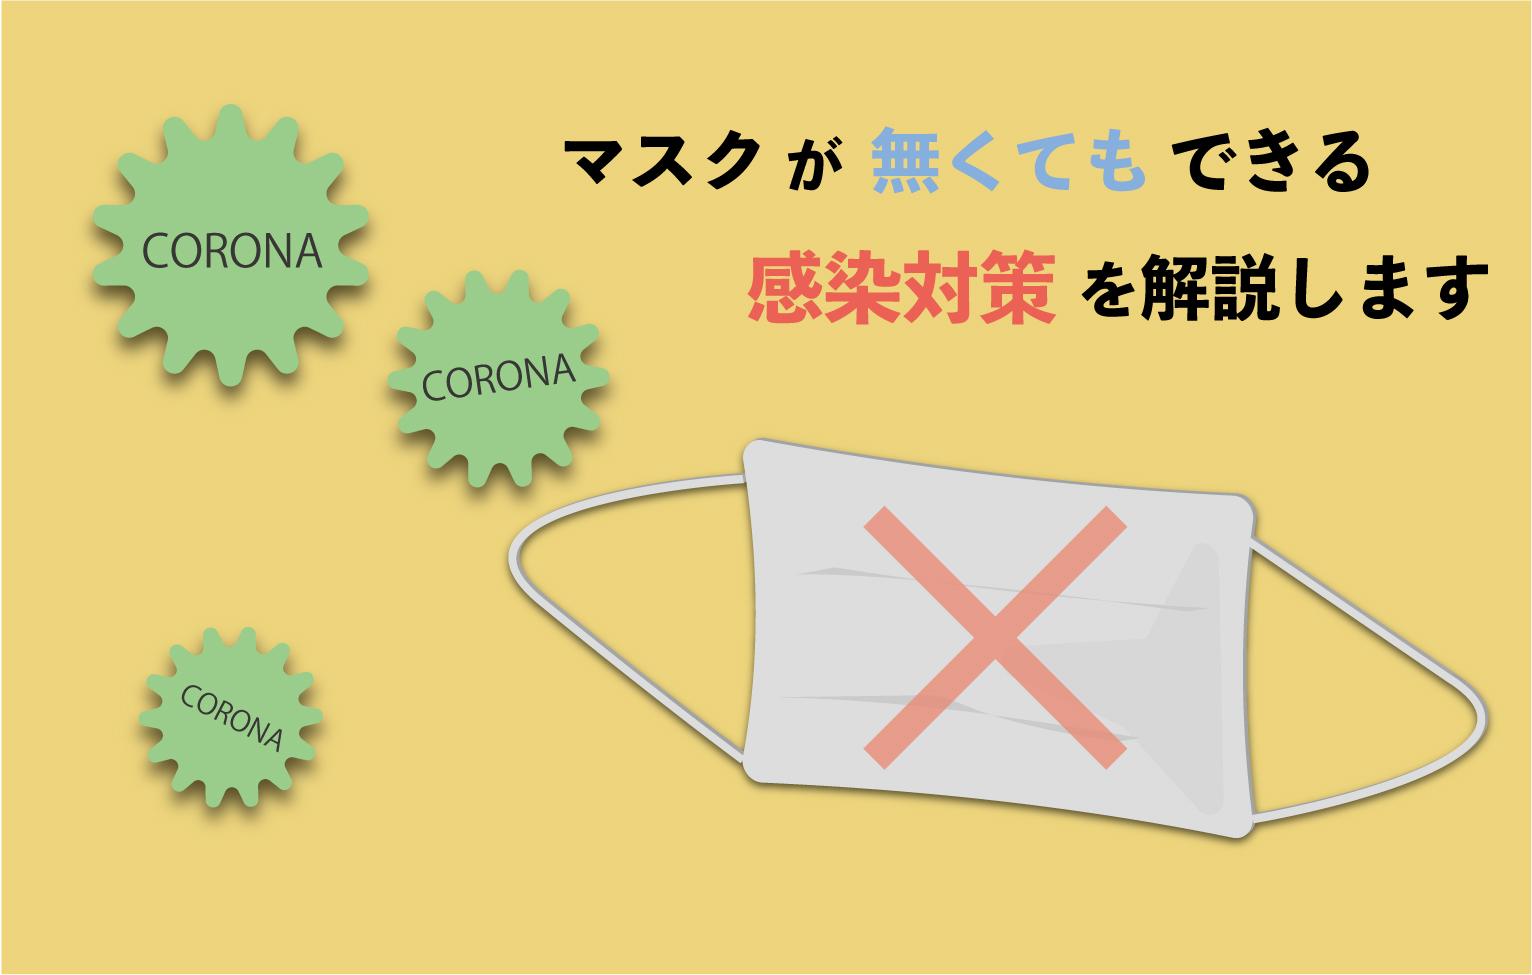 マスクが無くてもできるコロナウイルス感染対策